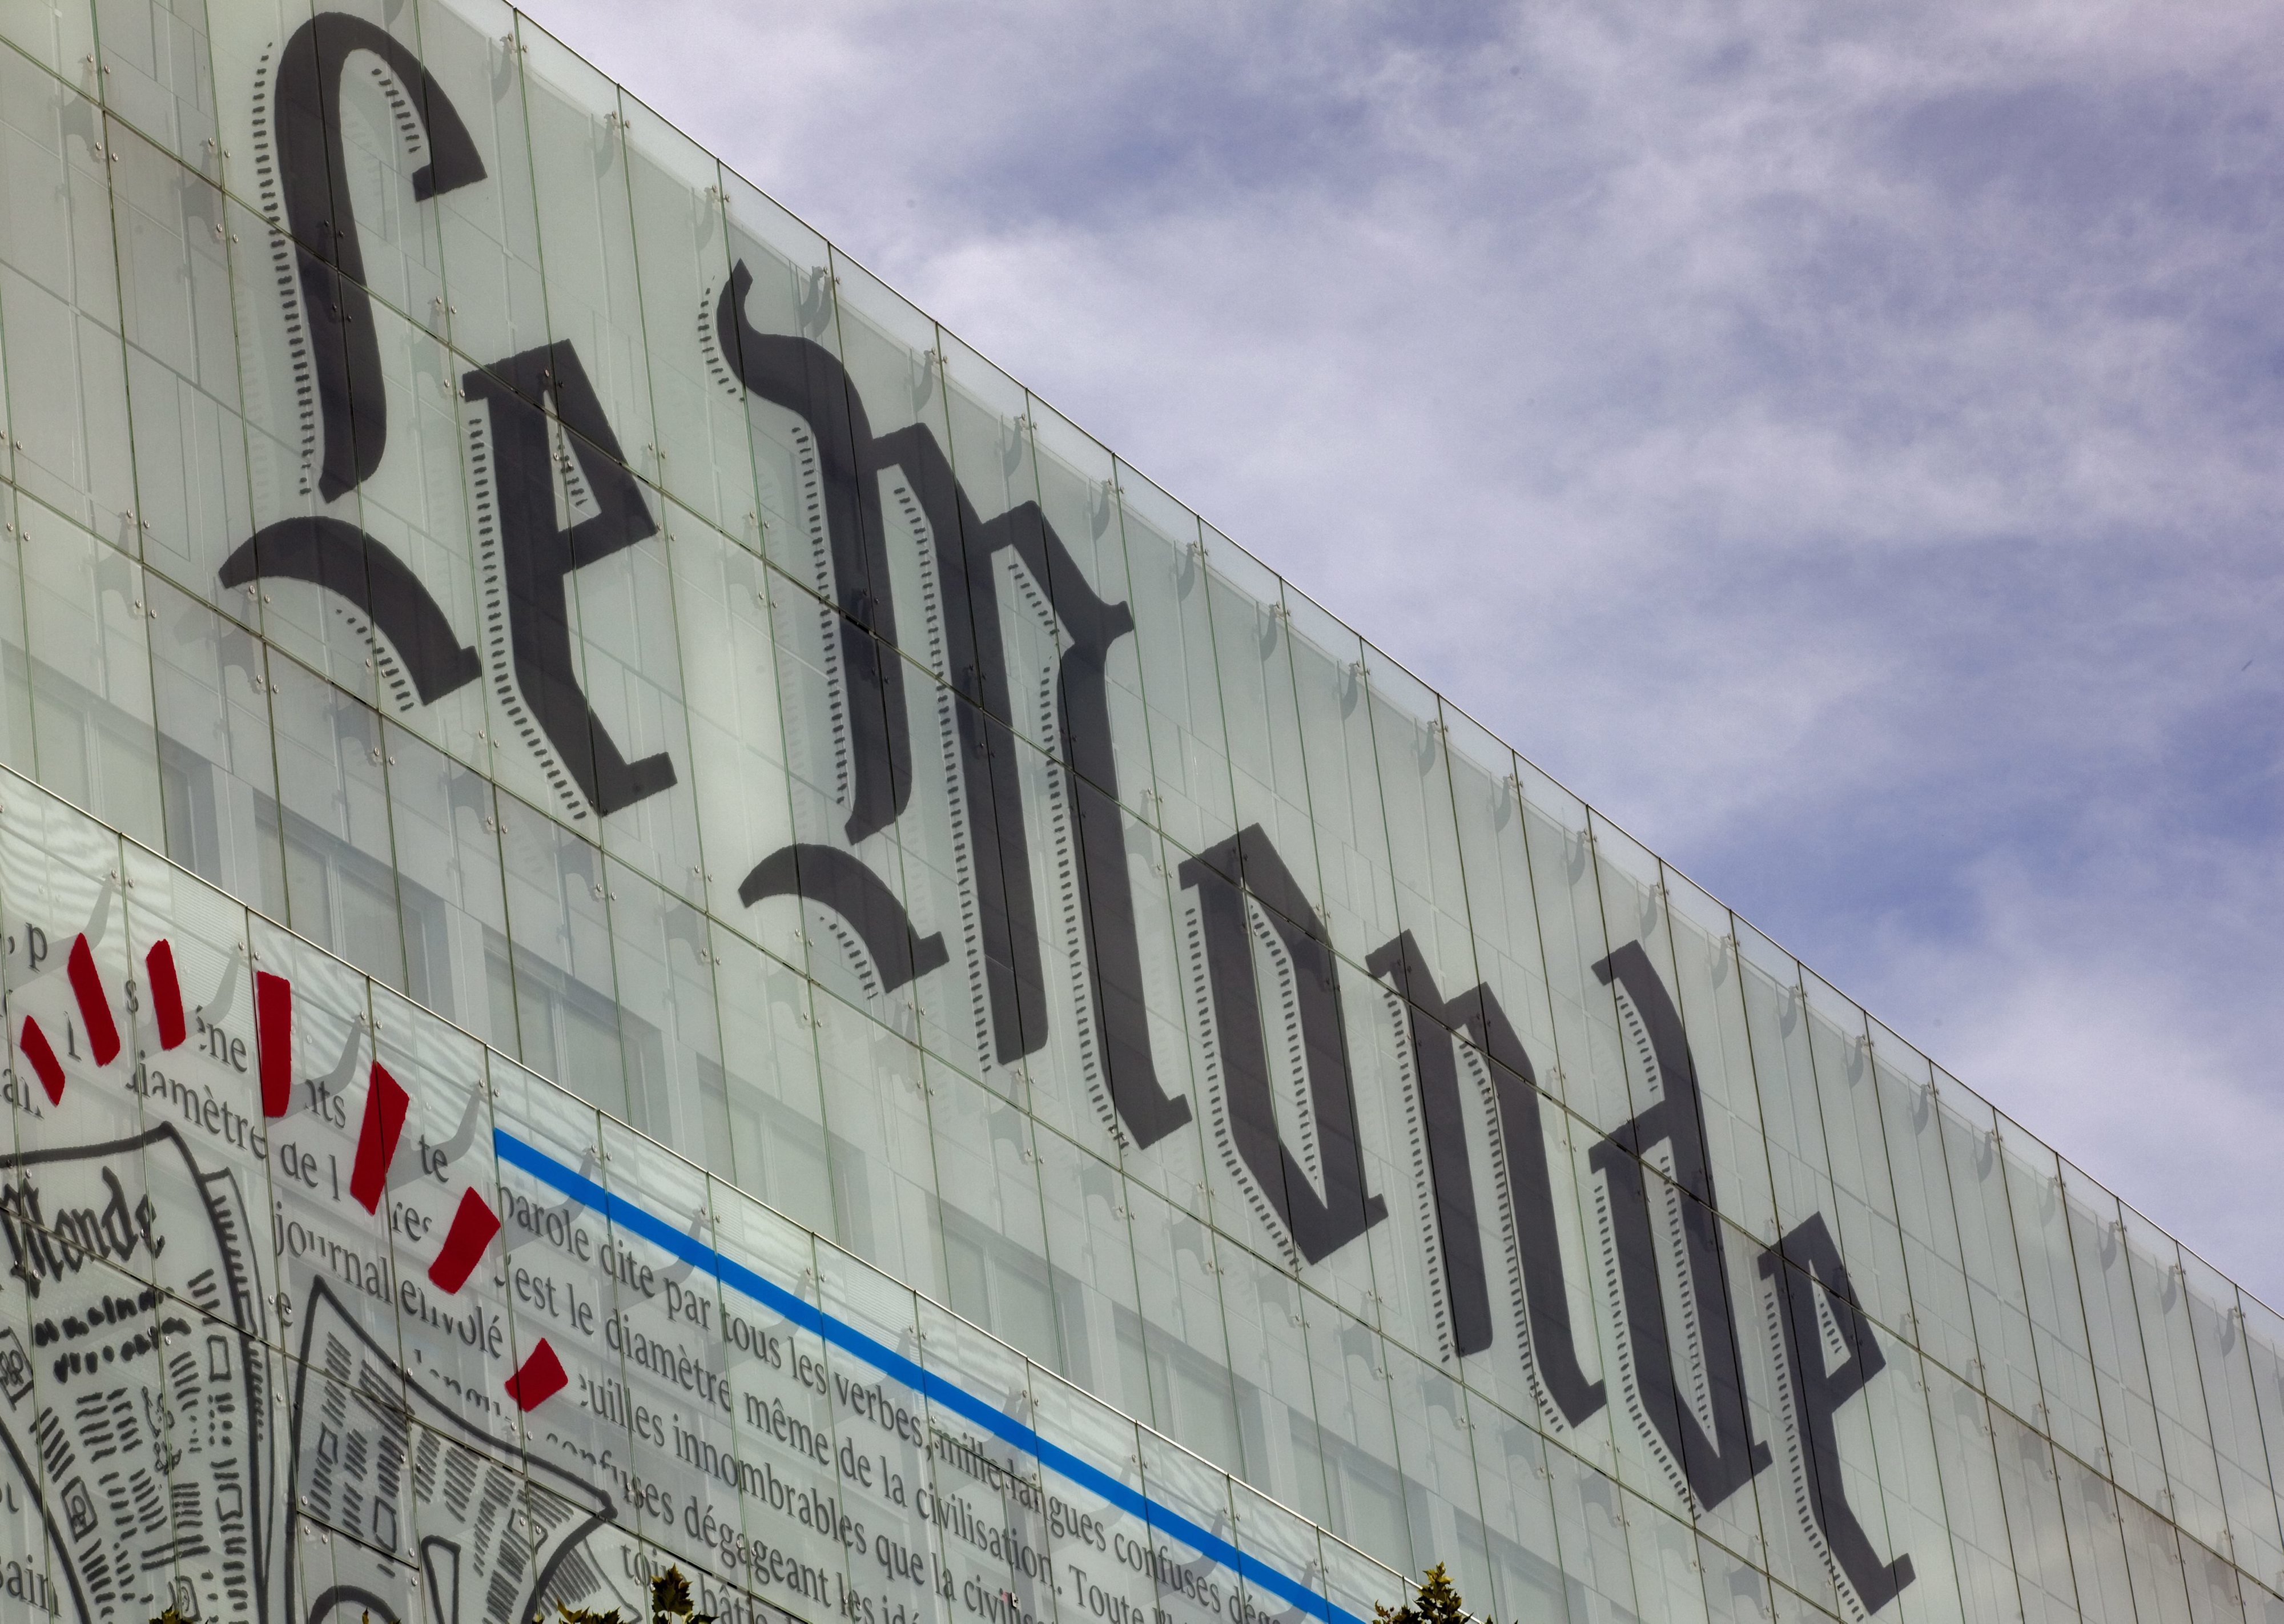 Multimilionário checo está a negociar entrada no capital do Le Monde